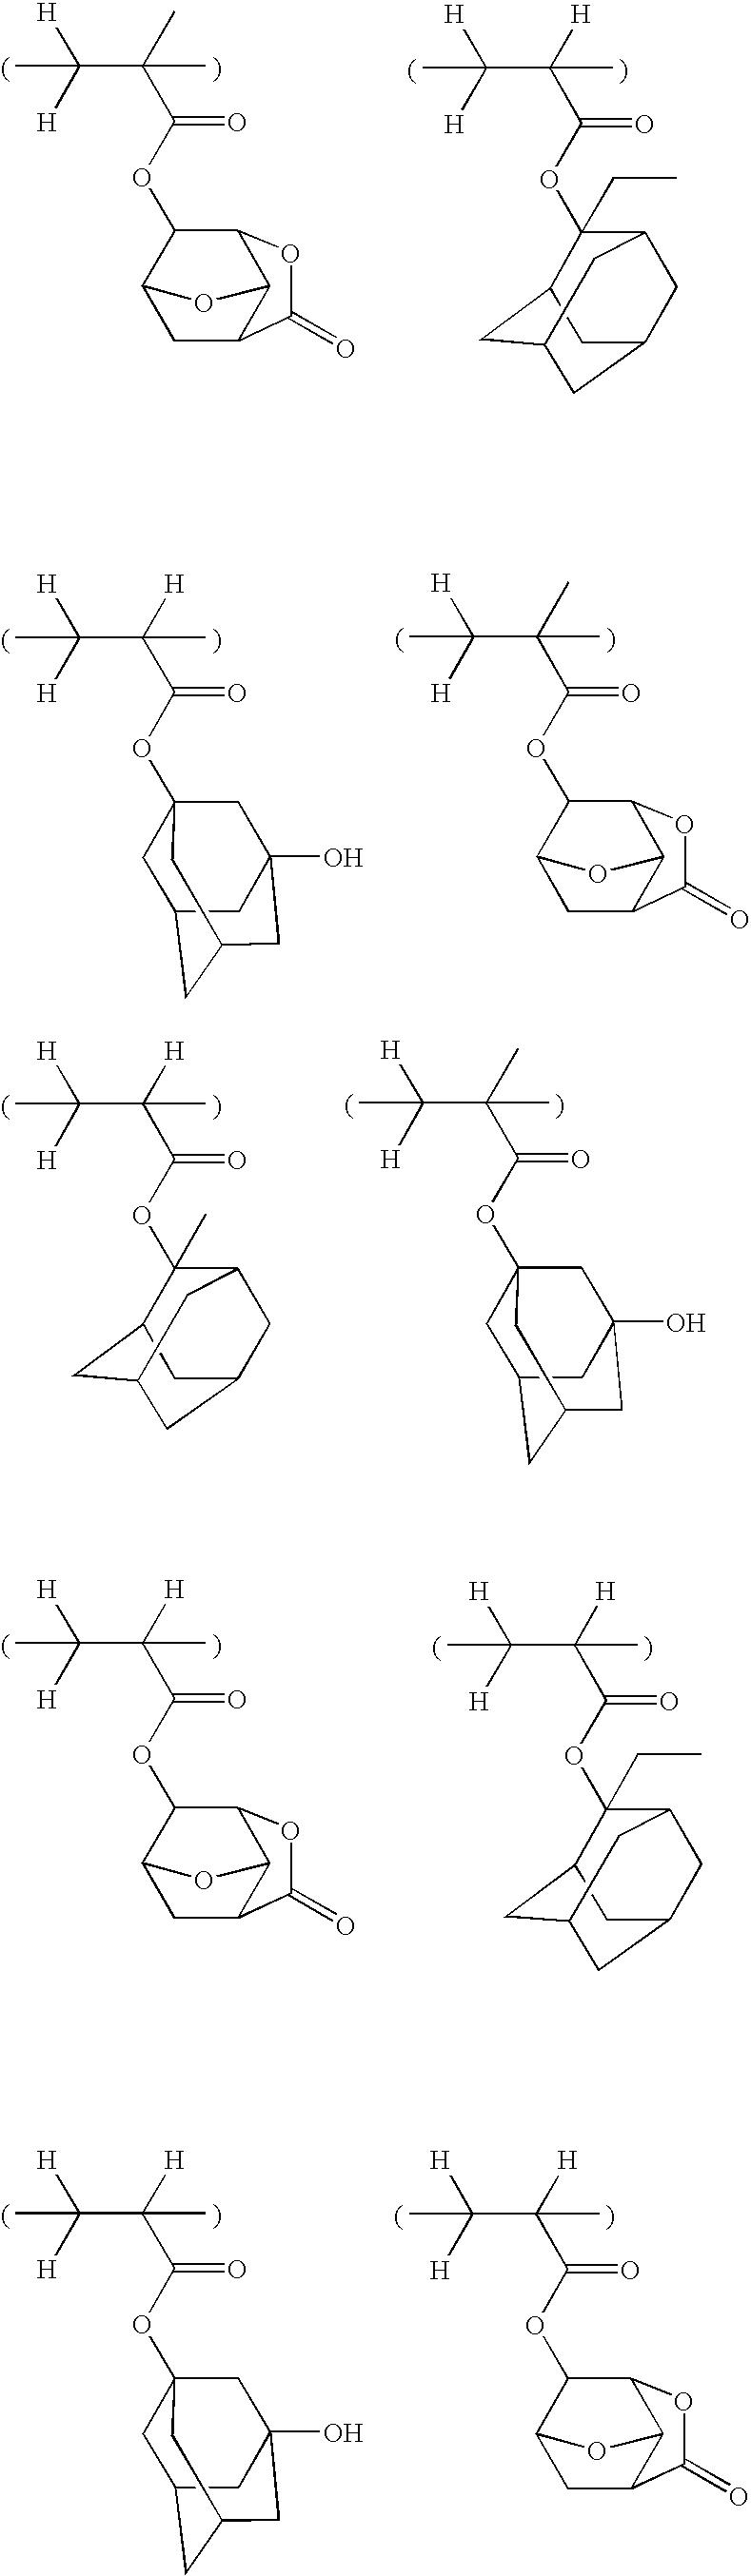 Figure US20050208424A1-20050922-C00012